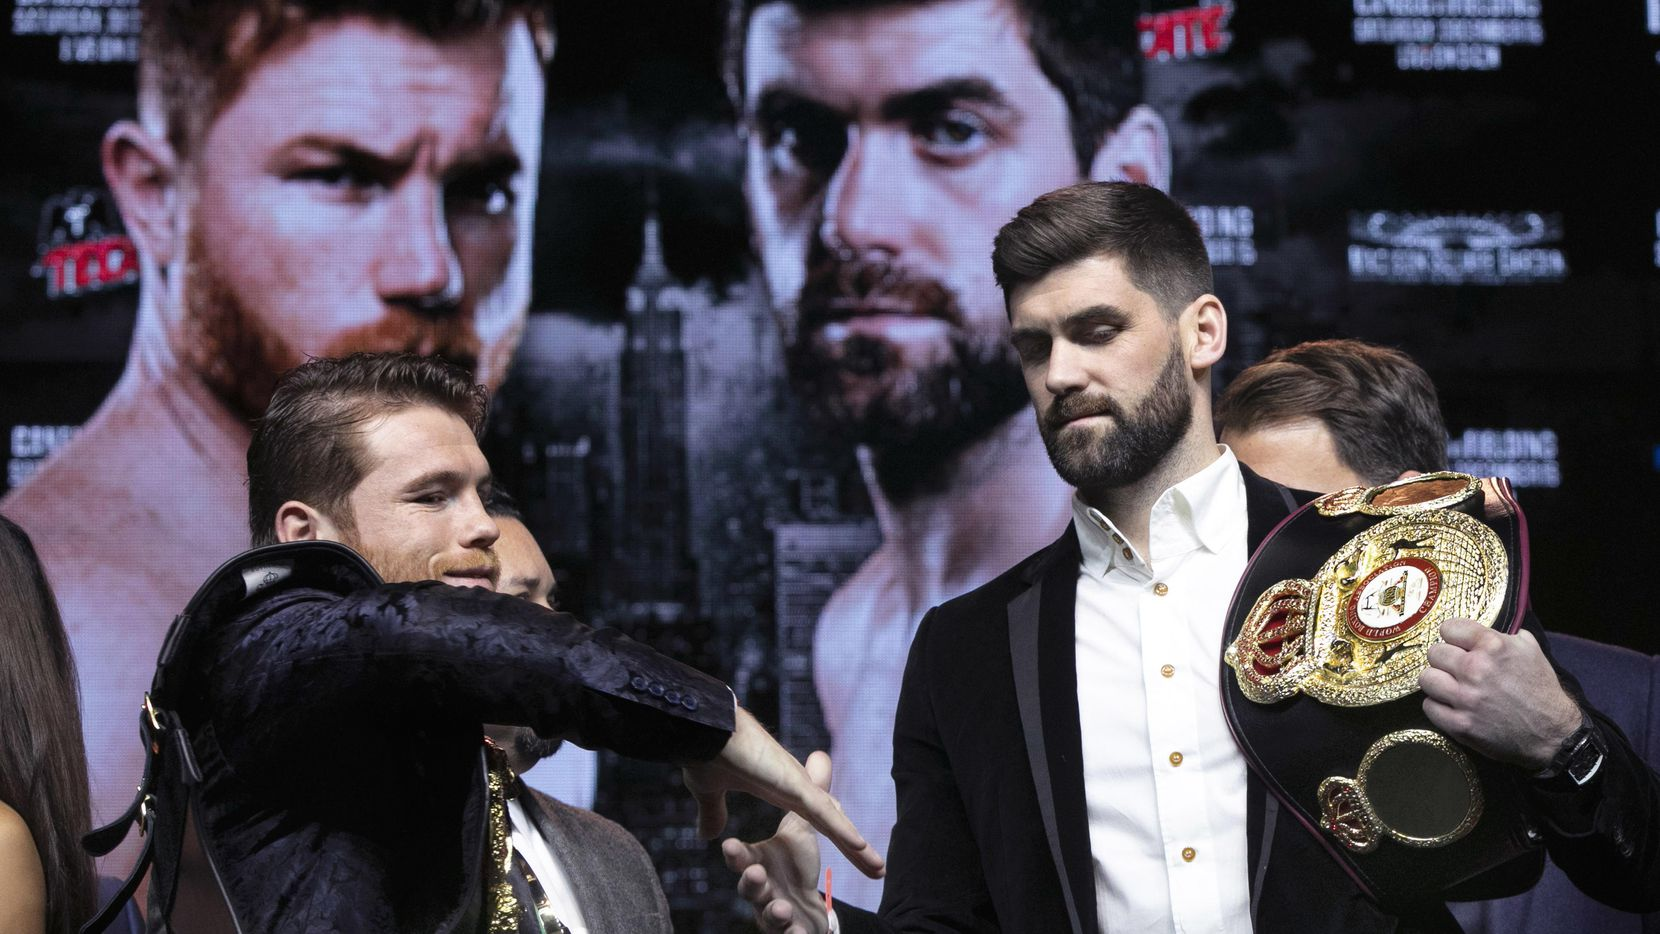 Saúl Álvarez y Rocky Fielding se enfrentarán el 15 de diciembre en el Madison Square Garden de Nueva York. (AP/Richard Drew)